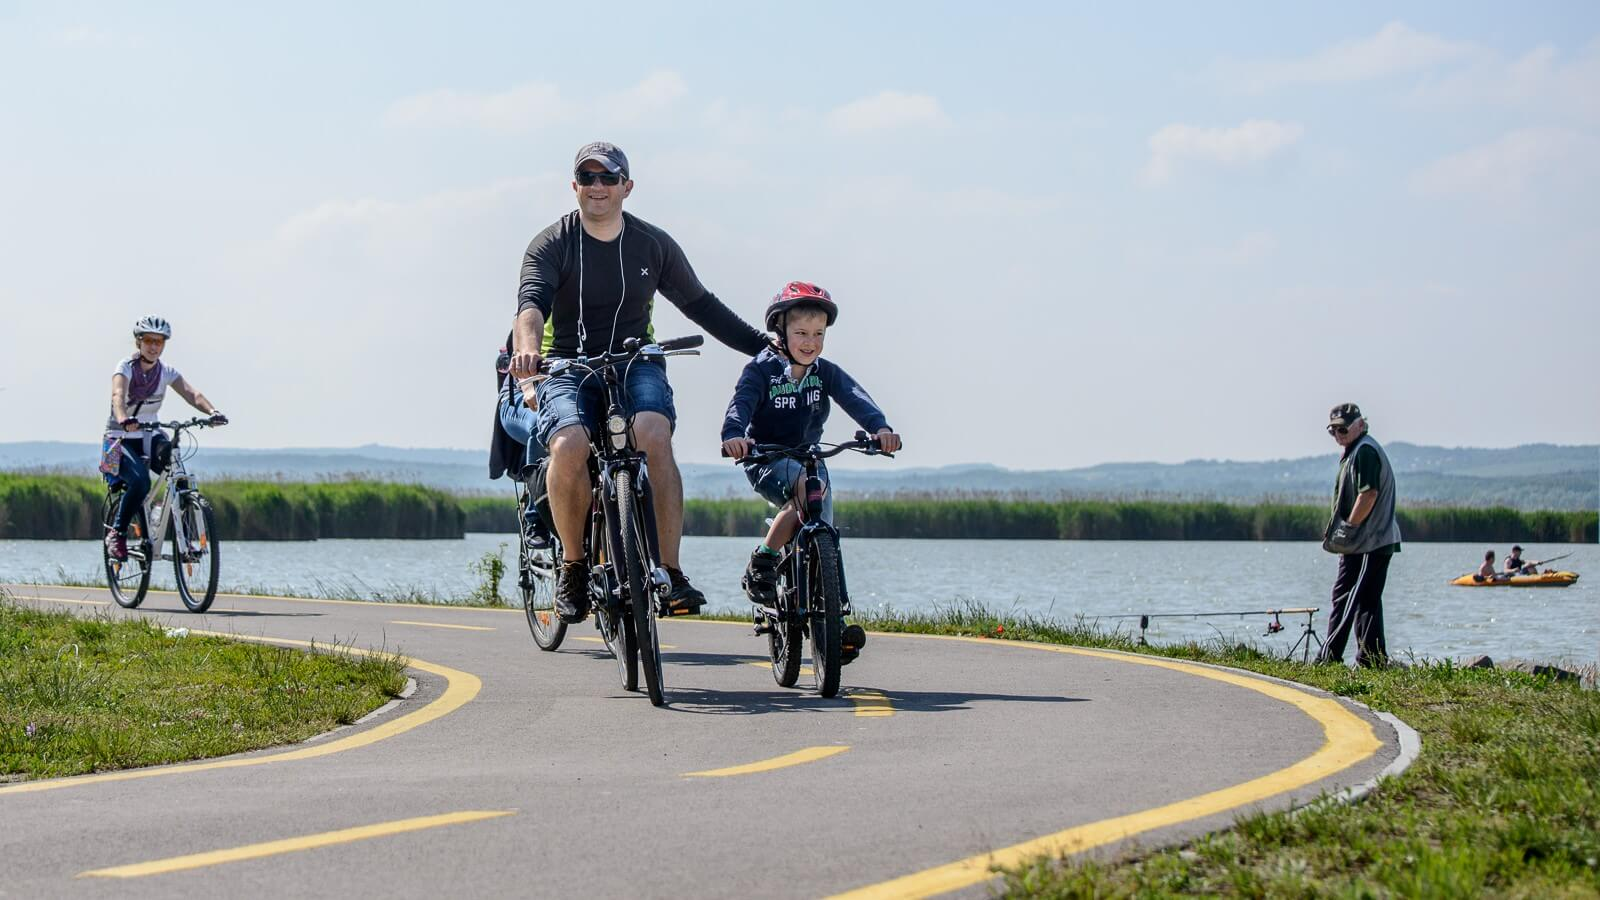 Kerékpárúttal fejlesztik a turizmust Kalocsa mellett